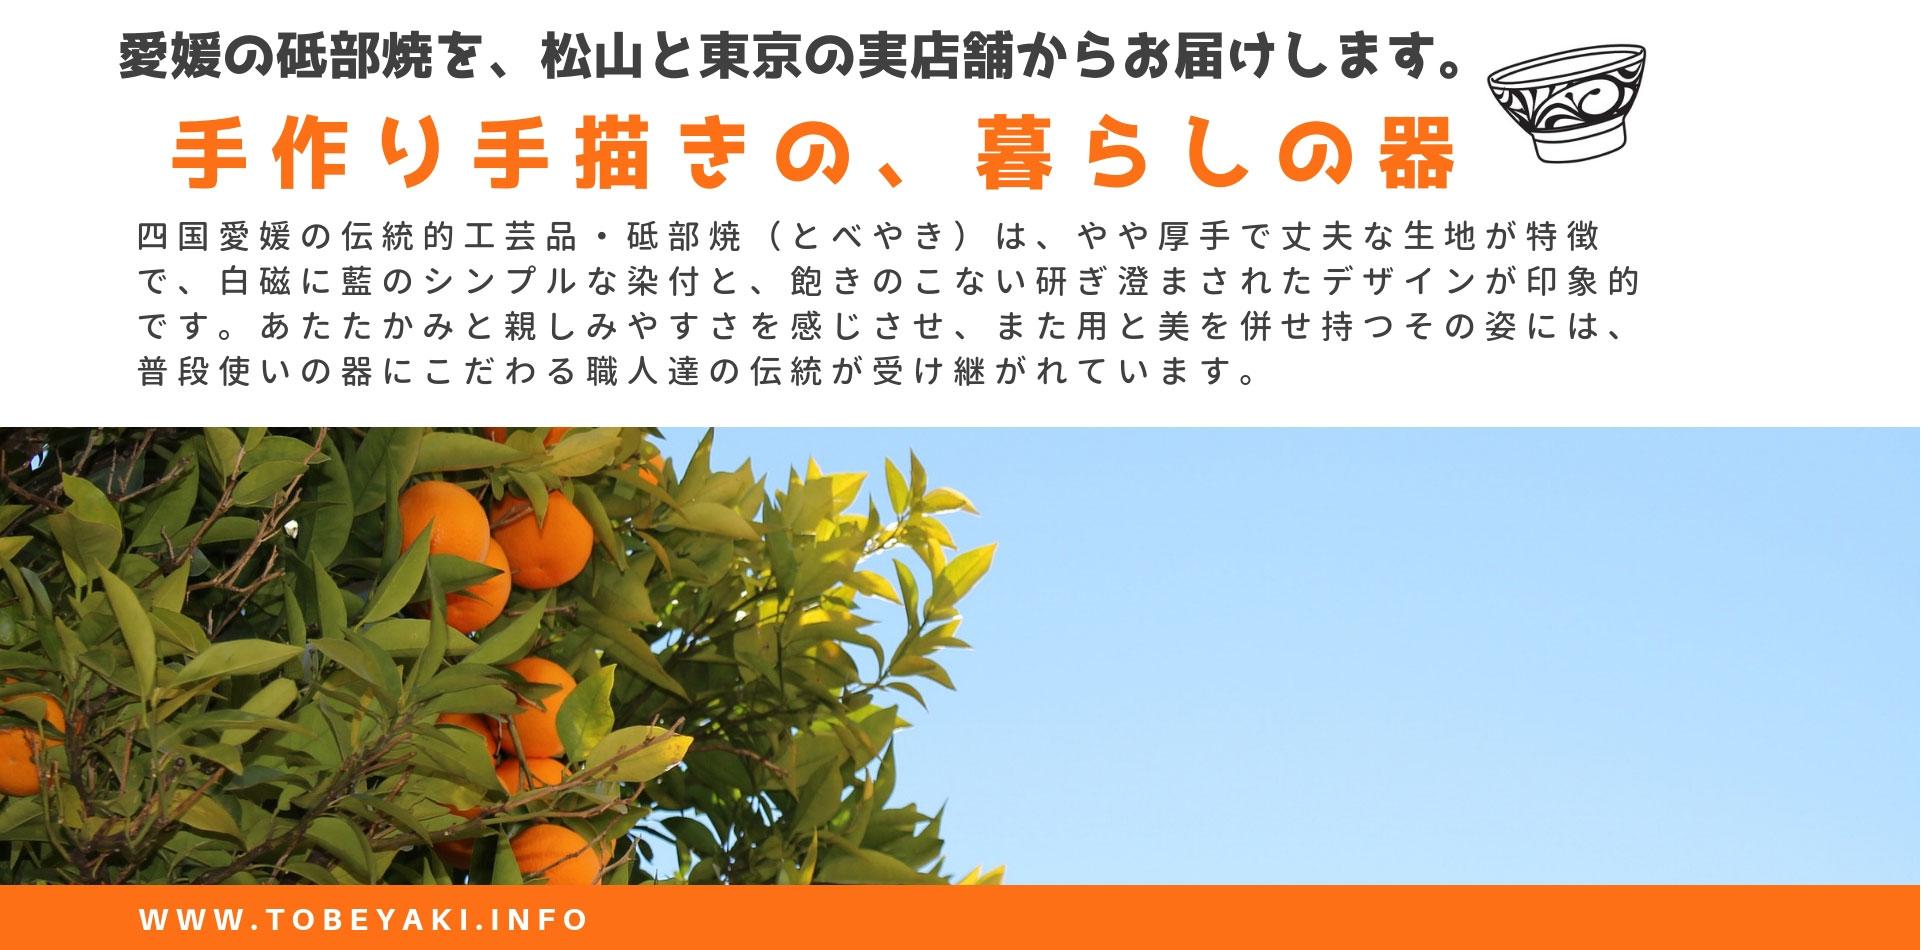 砥部焼専門店/砥部焼の浜陶紹介画像1